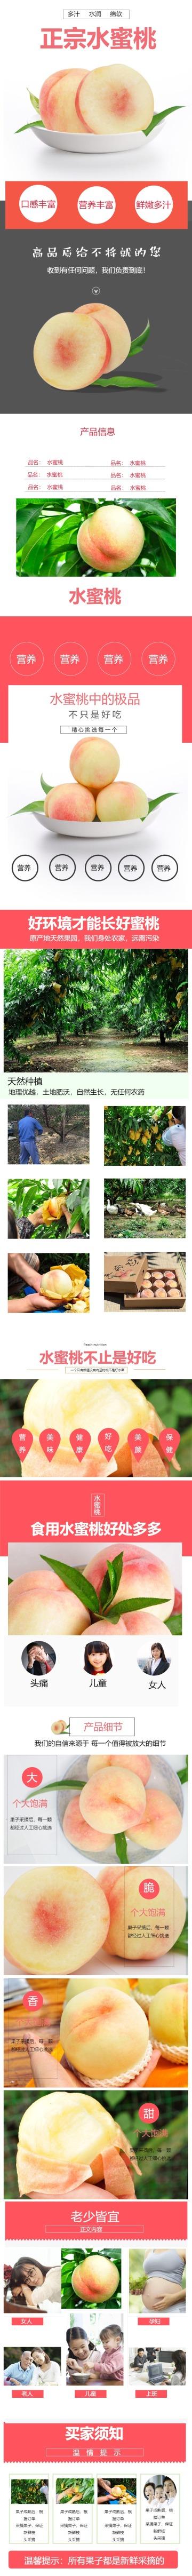 清新简约百货零售生鲜水果水蜜桃促销电商商品详情页